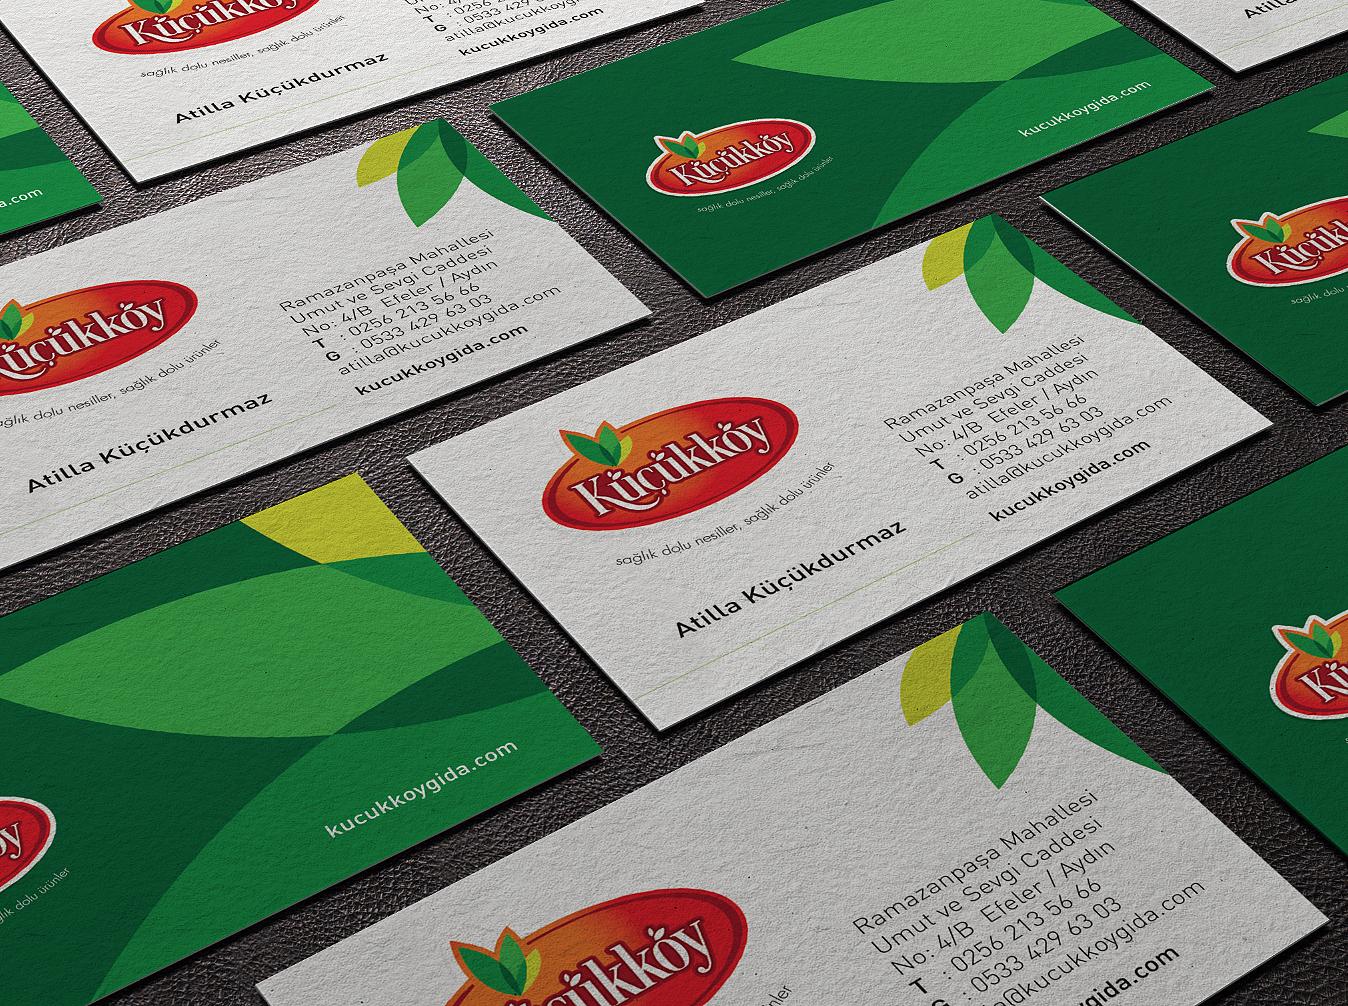 küçükköy markası için yapılan kurumsal kimlik çalışmaları. kurumsal ajans & tedarikci olarak ajansımızı tercih ettikleri için teşekkür ederiz. cagajans.com.tr